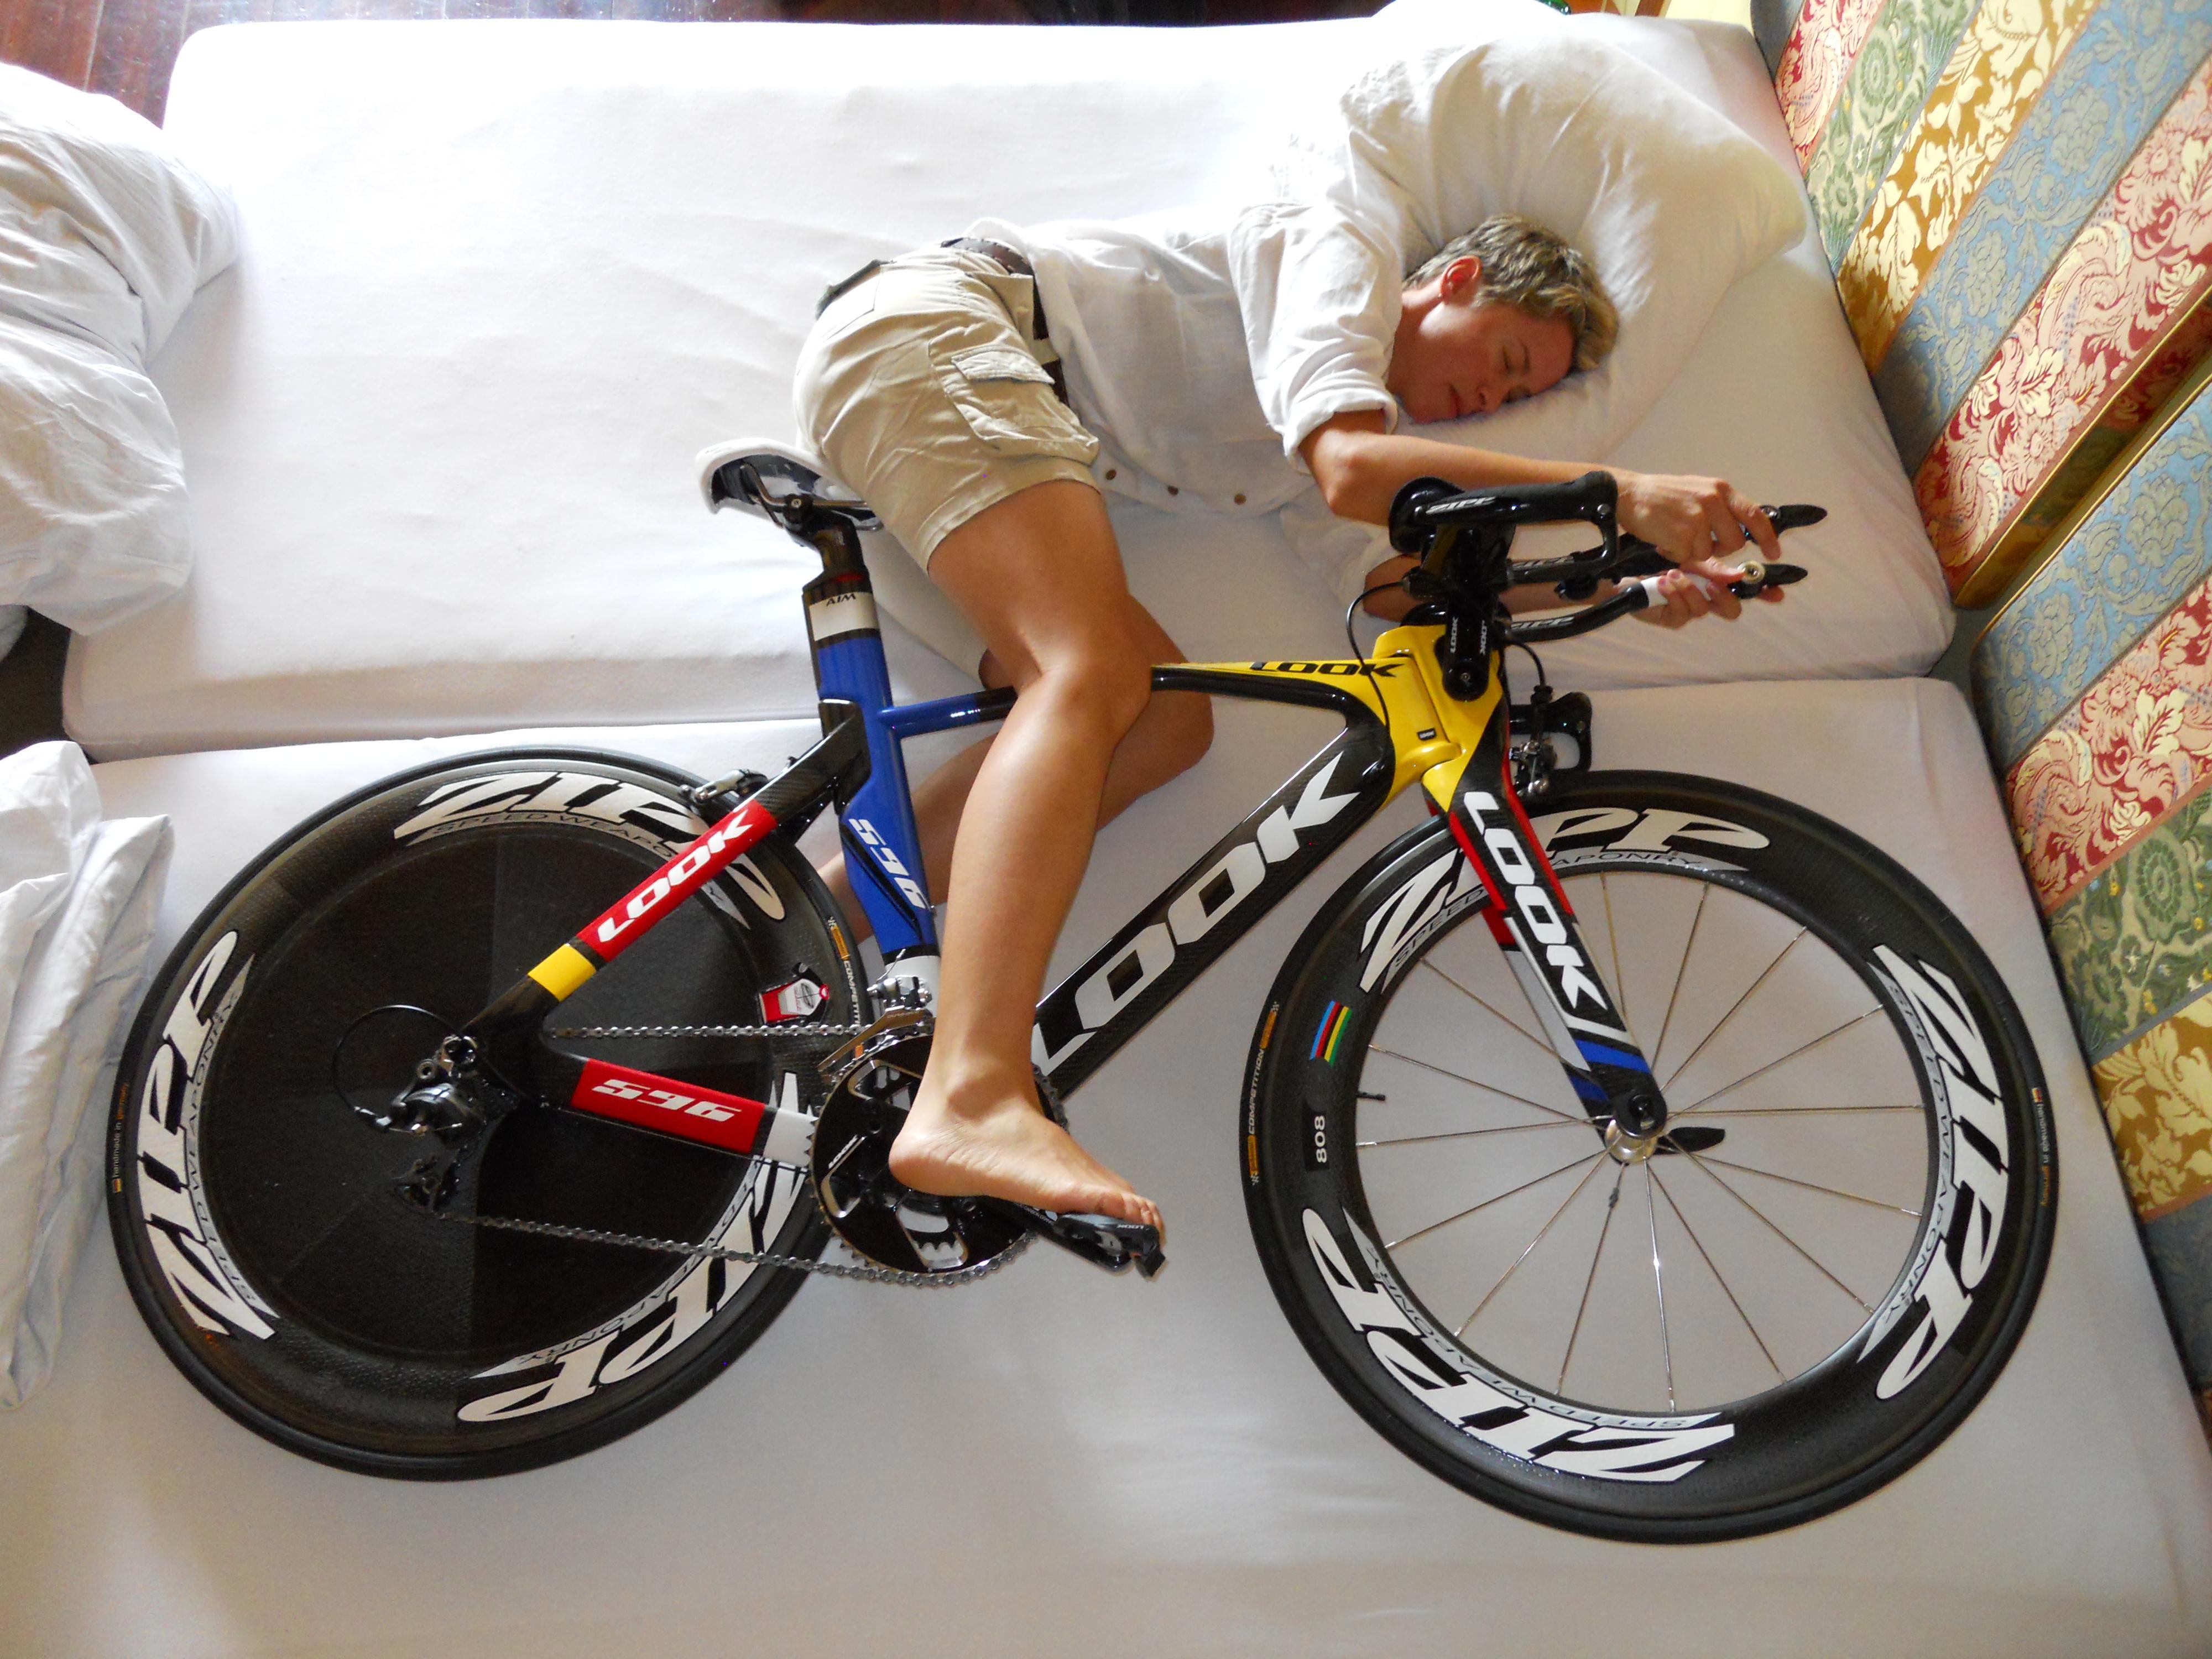 Quando i ciclisti professionisti mangiano in bici, significa che stanno facendo rifornimento per la corsa del giorno dopo.